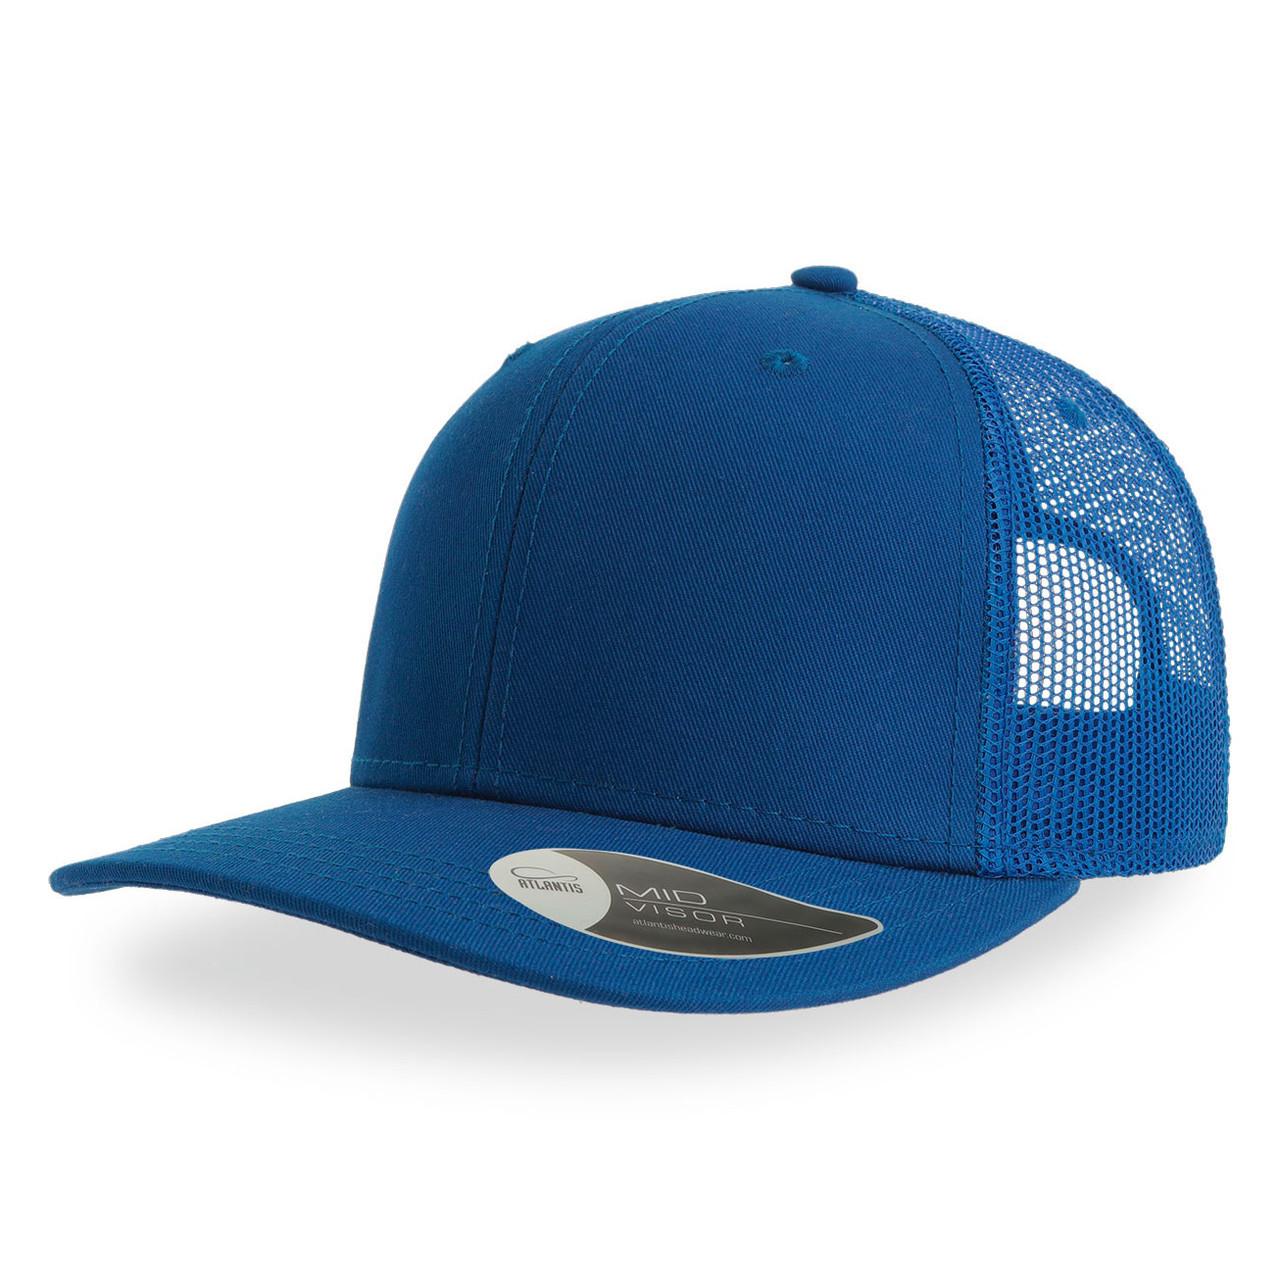 """Бейсболка """"SONIC"""", 6 клиньев, пласт. застежка, ярко-синий, осн. ткань100% хлопок, 280 г/м2"""